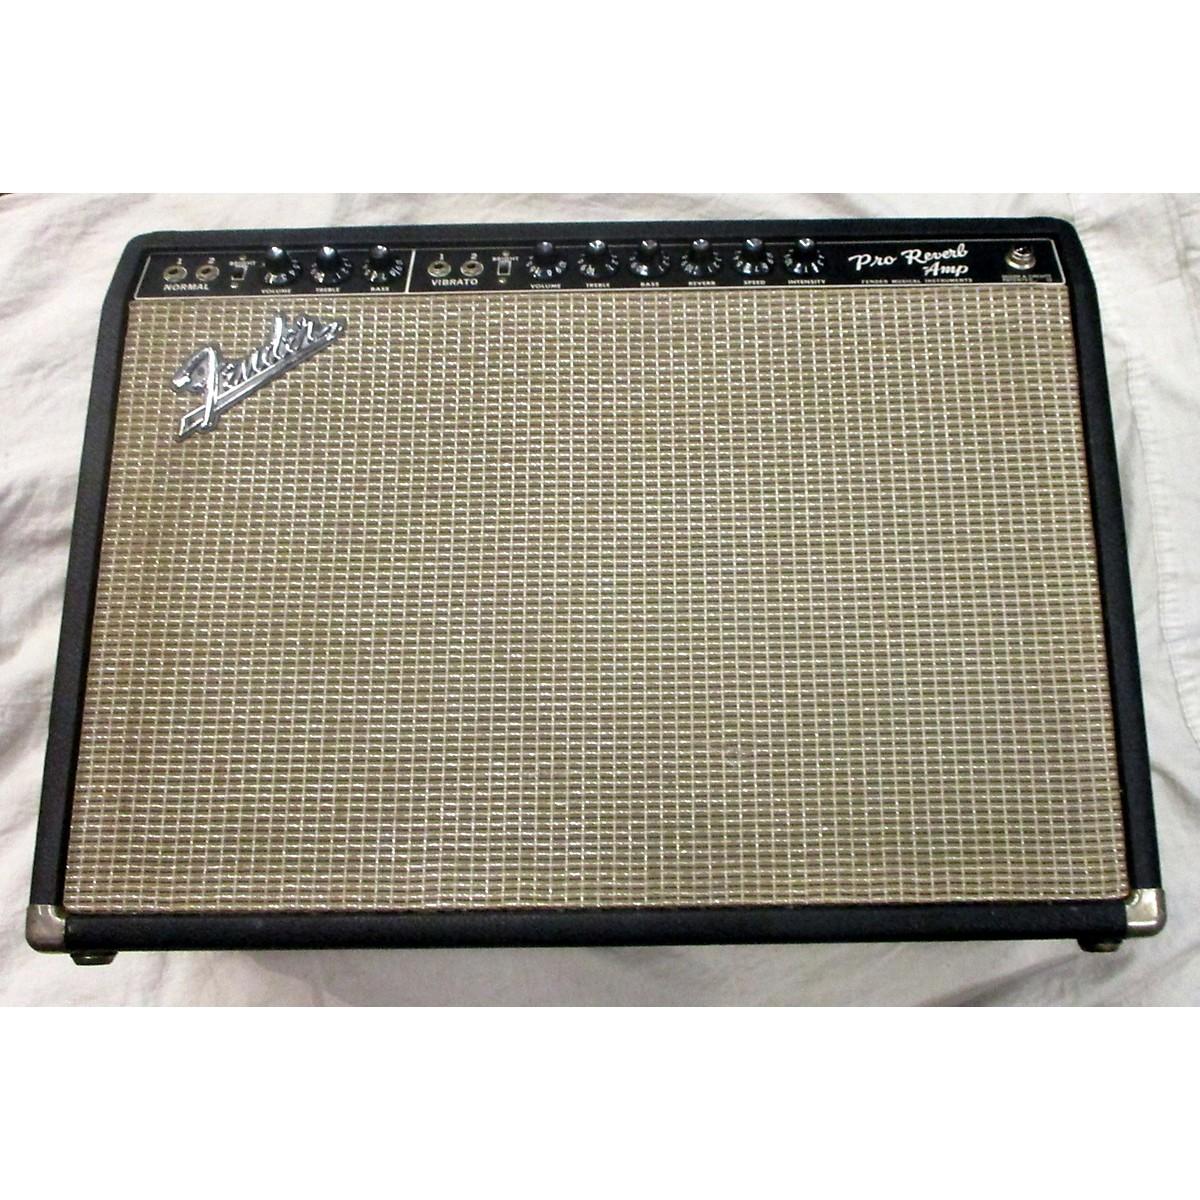 Fender 1967 Pro Reverb 2x12 Tube Guitar Combo Amp